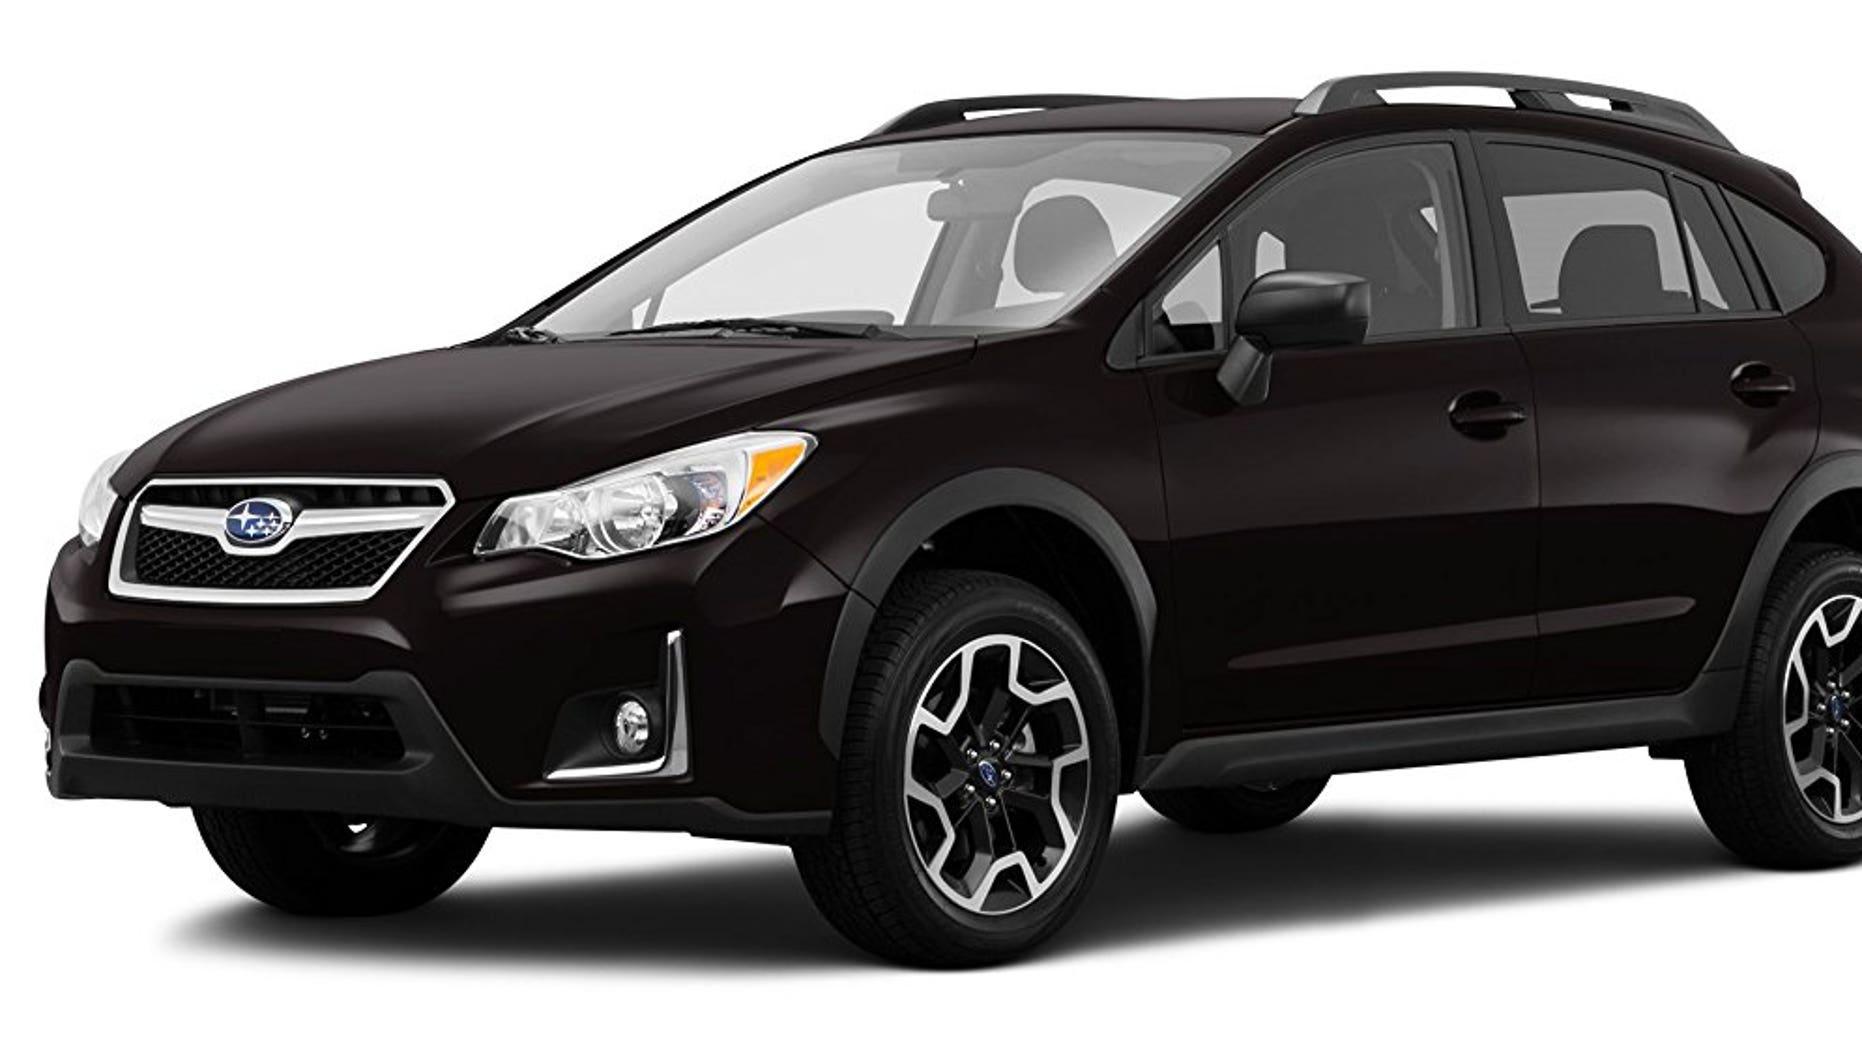 The 2017 Subaru Crosstrek is one of the affected models.